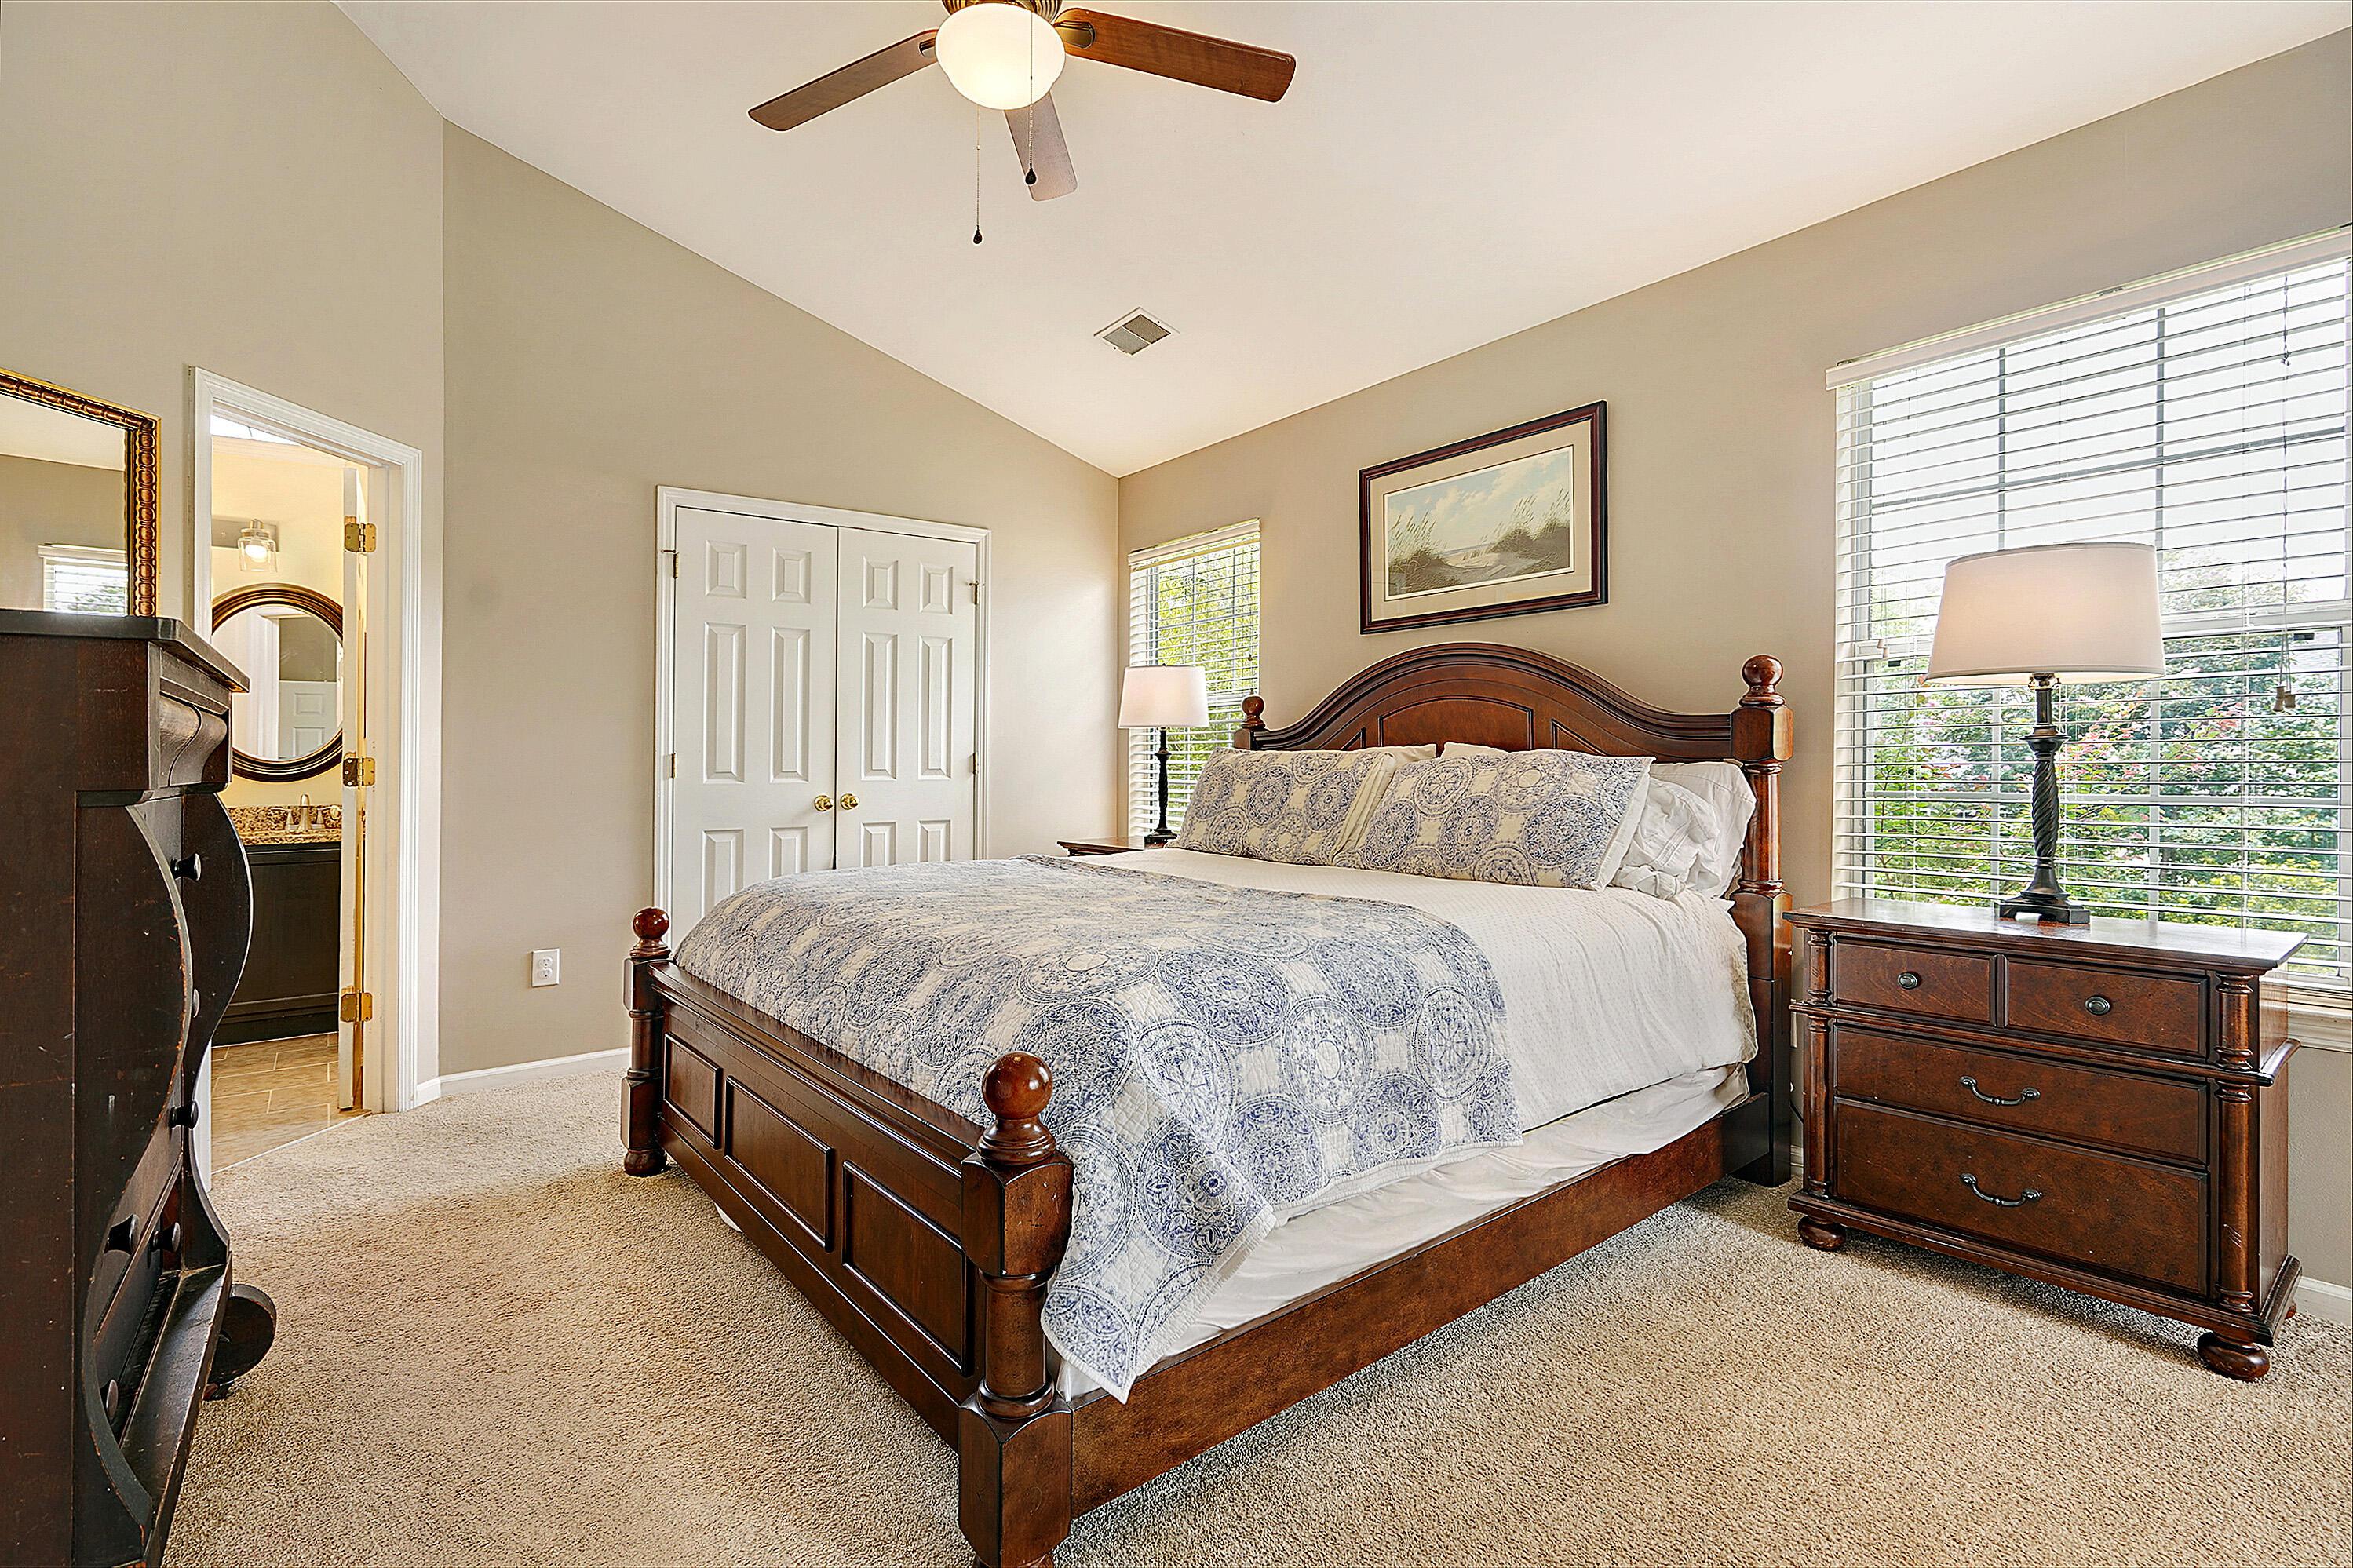 Park West Homes For Sale - 2391 Parsonage Woods, Mount Pleasant, SC - 42